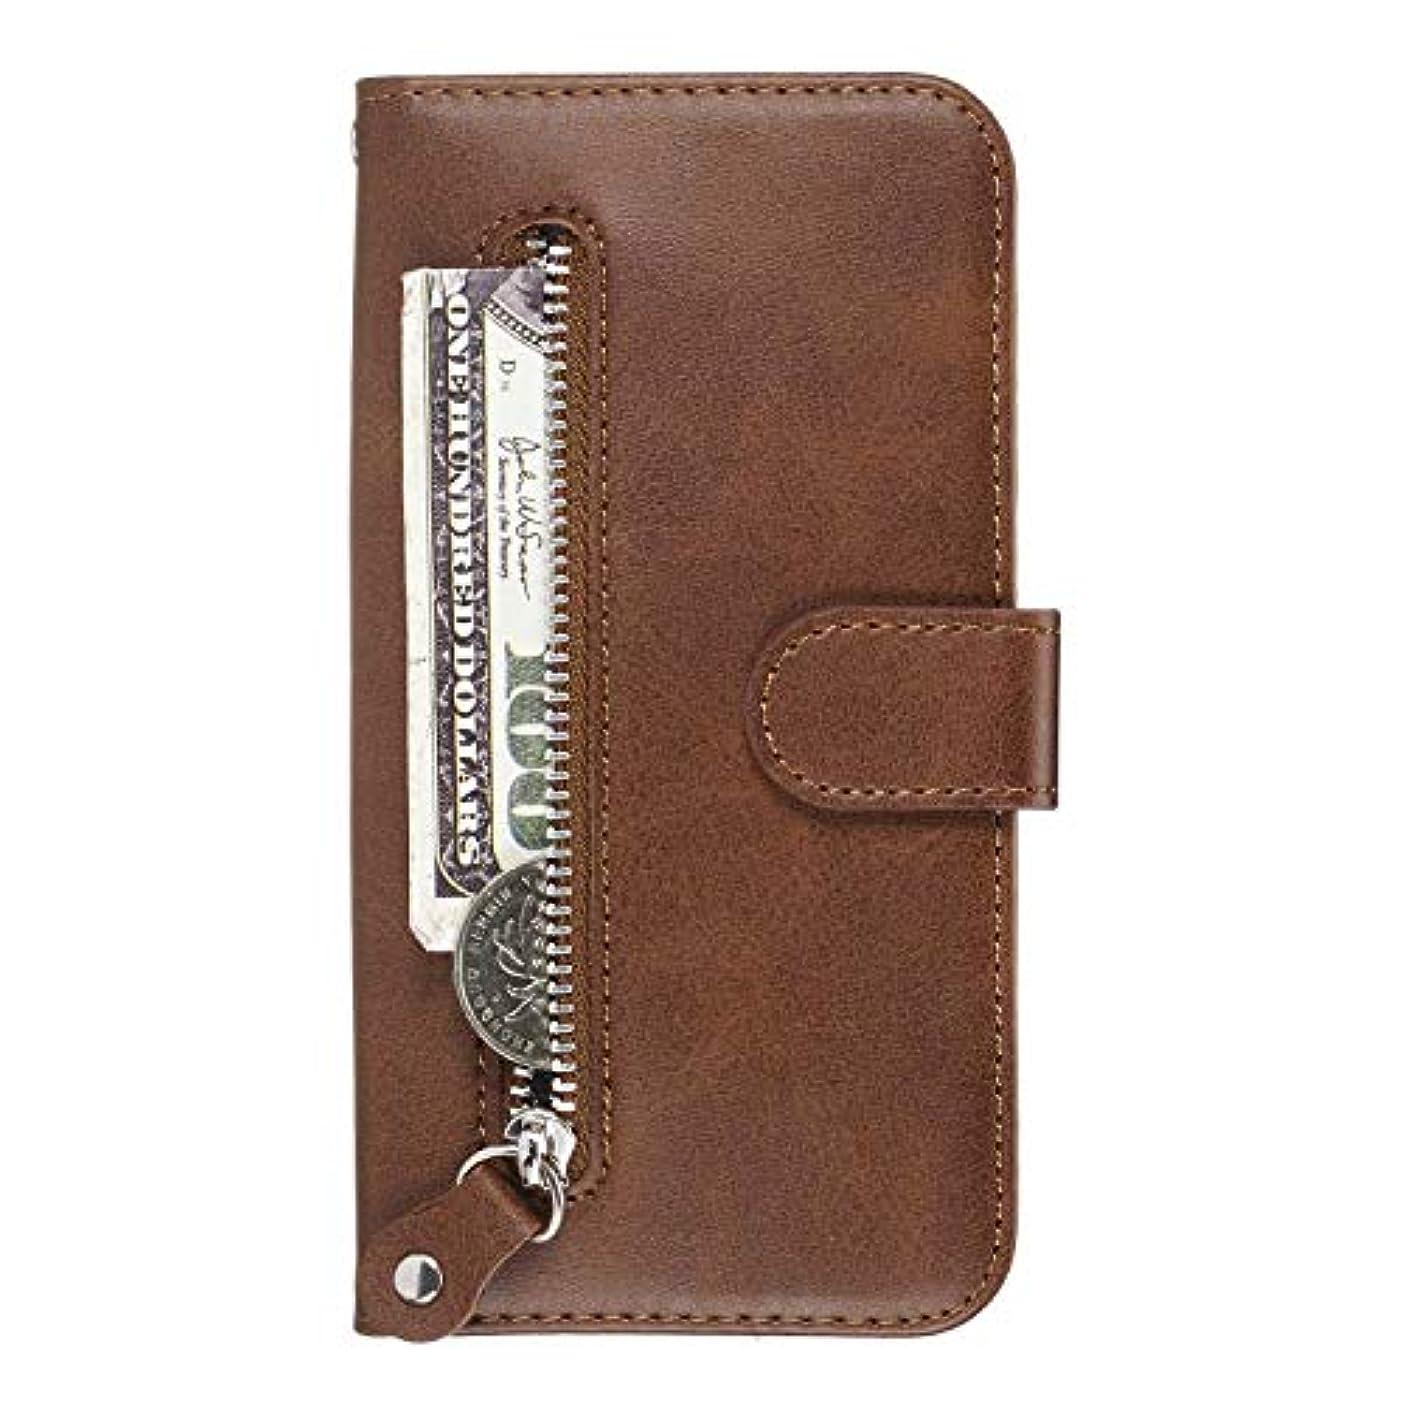 どのくらいの頻度でサーバントオフセットOMATENTI Galaxy M20 ケース, 軽量 PUレザー 薄型 簡約風 人気カバー バックケース Galaxy M20 用 Case Cover, 液晶保護 カード収納, 財布とコインポケット付き, 褐色